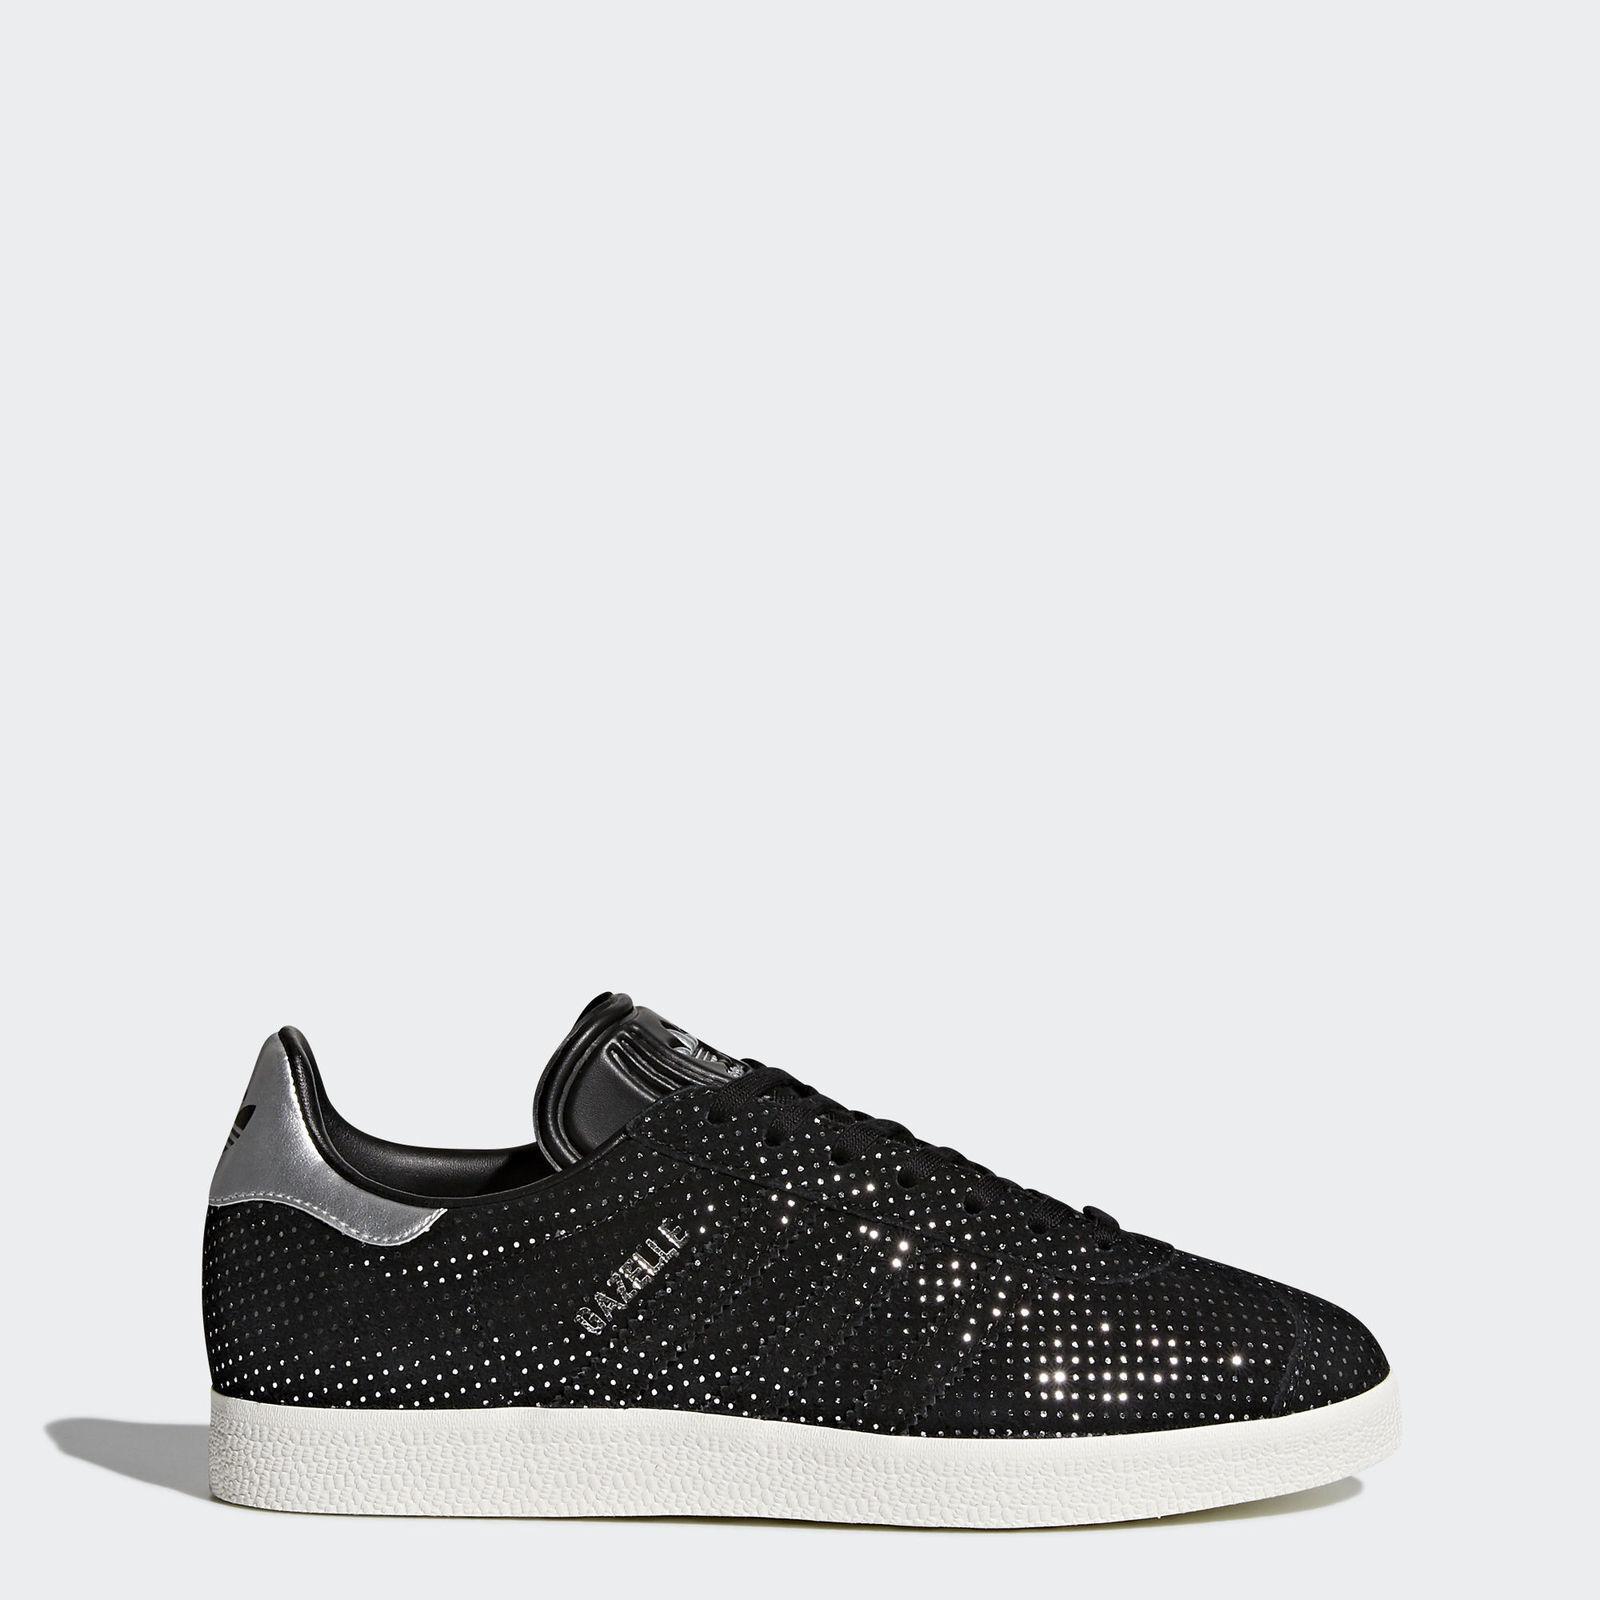 Nouveau Femmes Adidas Originals Gazelle Chaussures Couleur  Noir Argent Taille  10.5